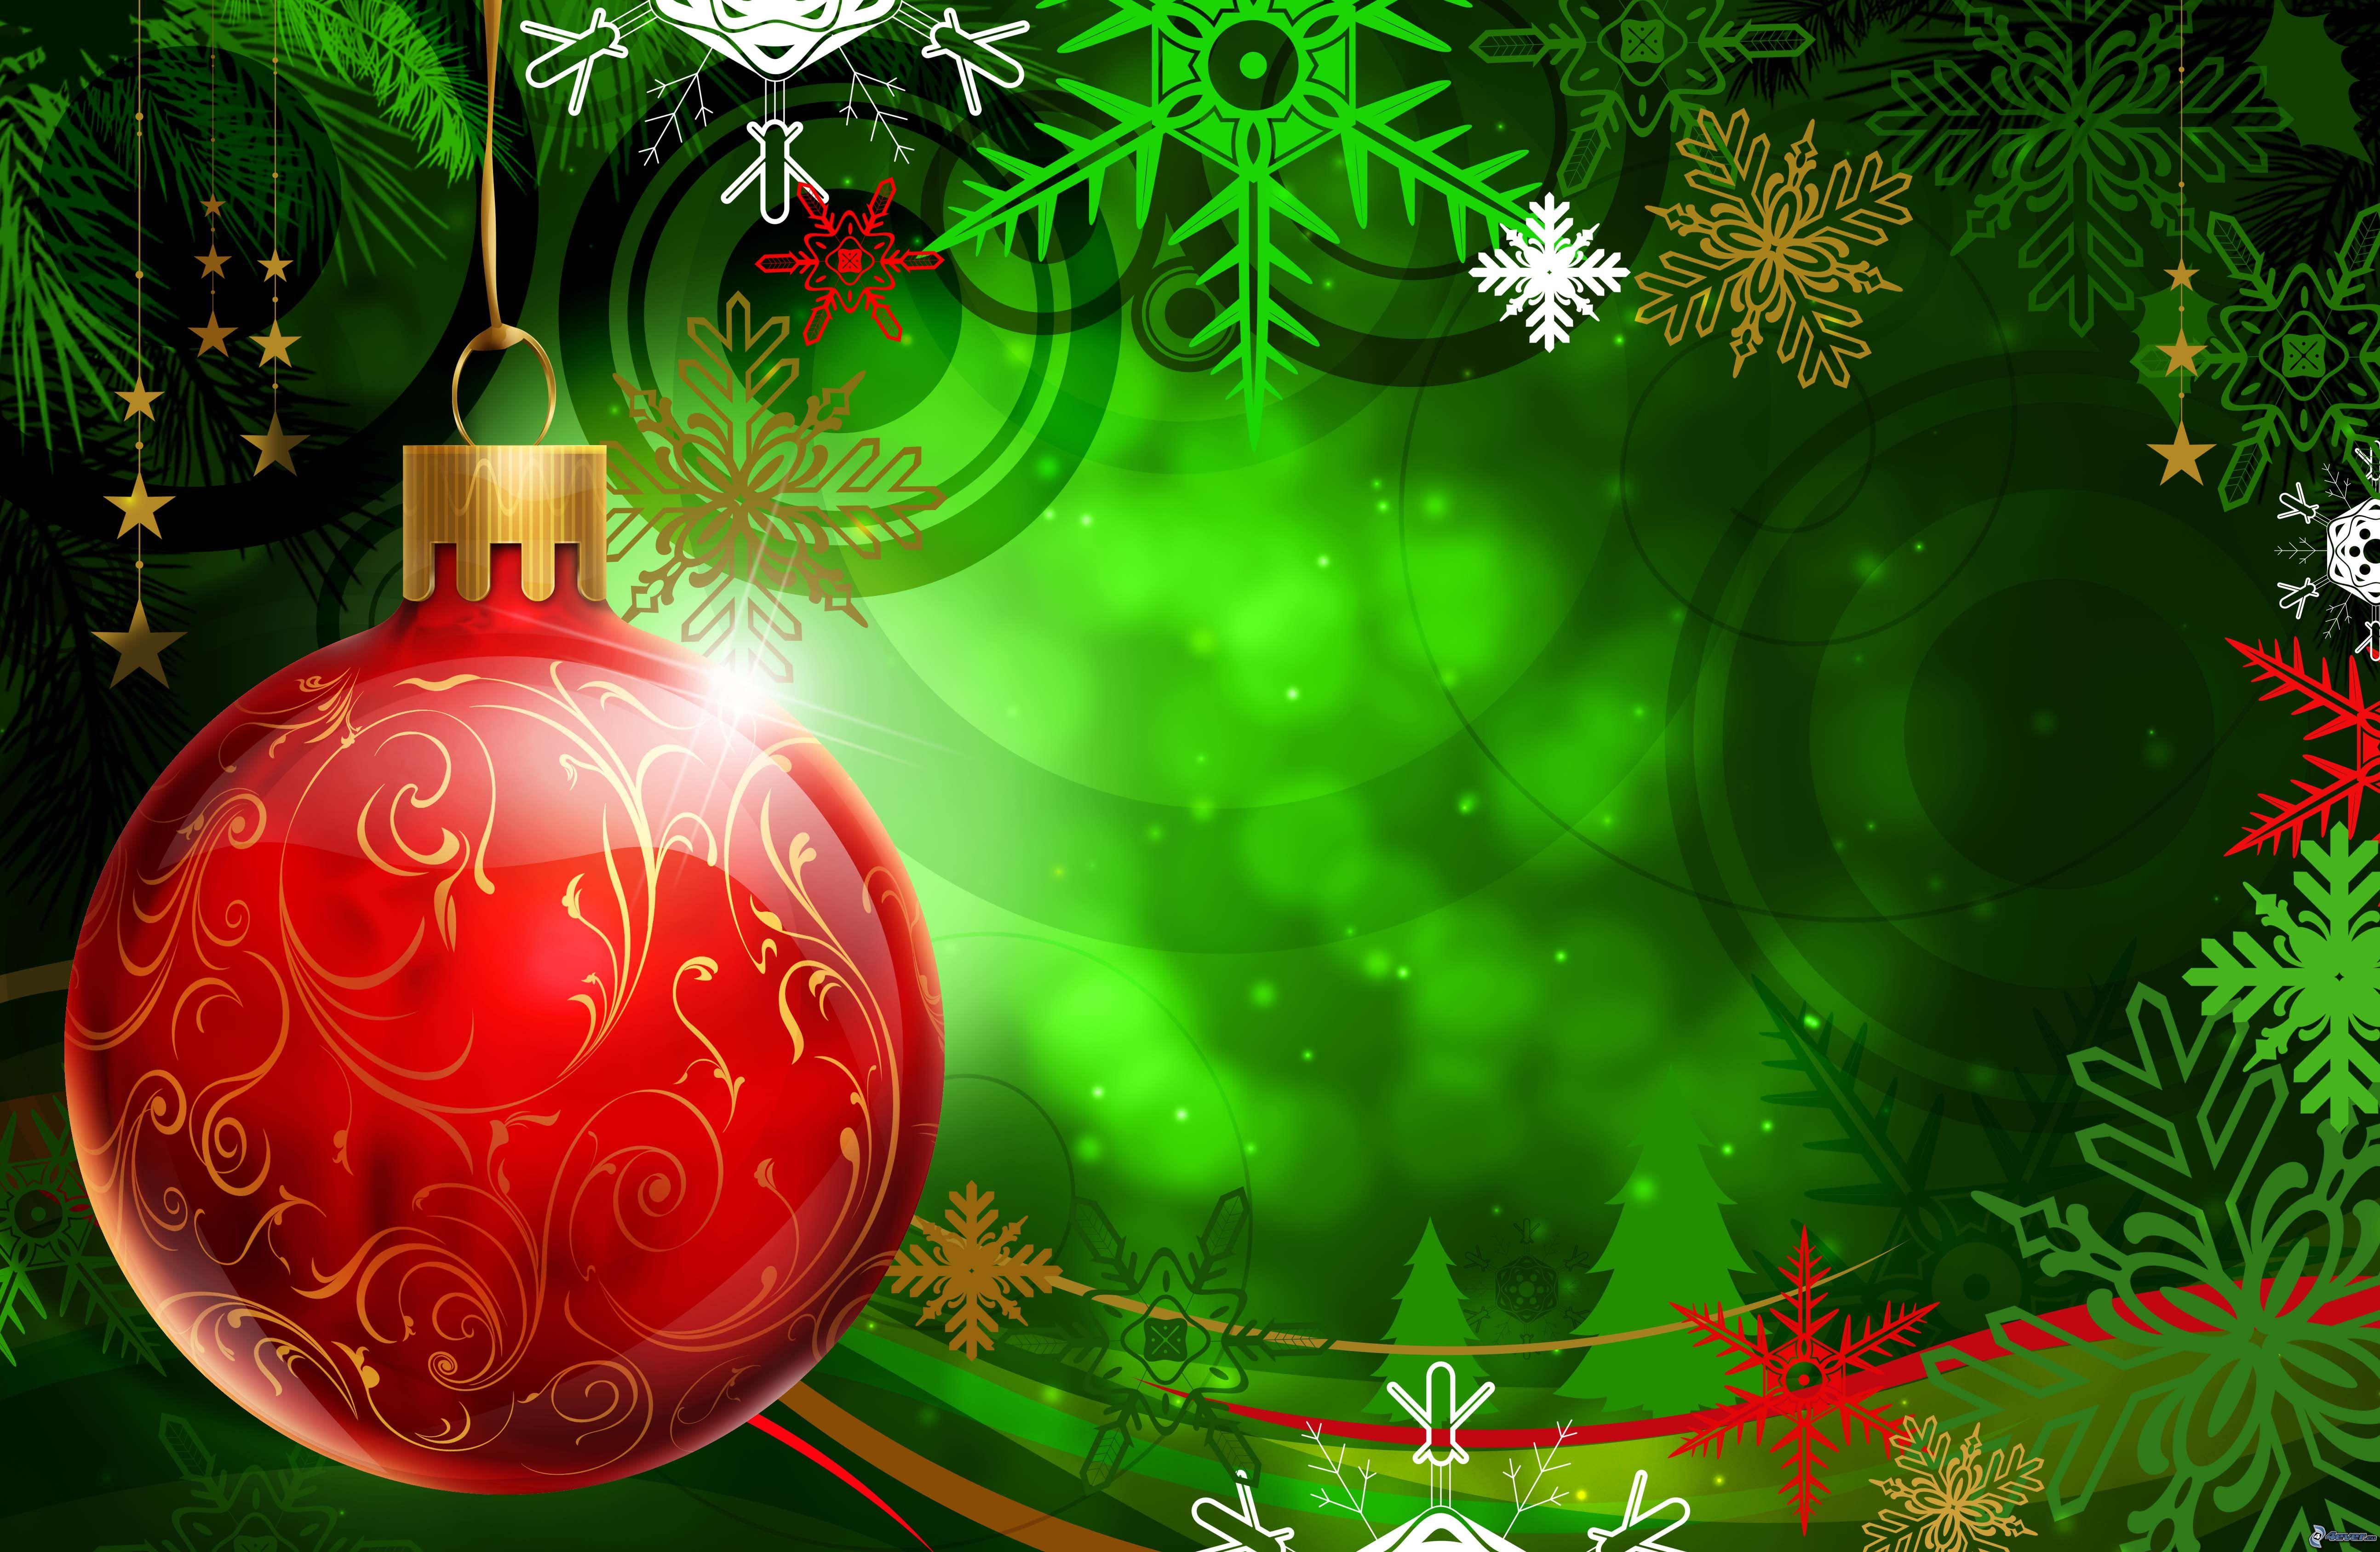 bola-de-navidad-fondo-de-pantalla-navideno-copos-de-nieve-164895_1.jpg